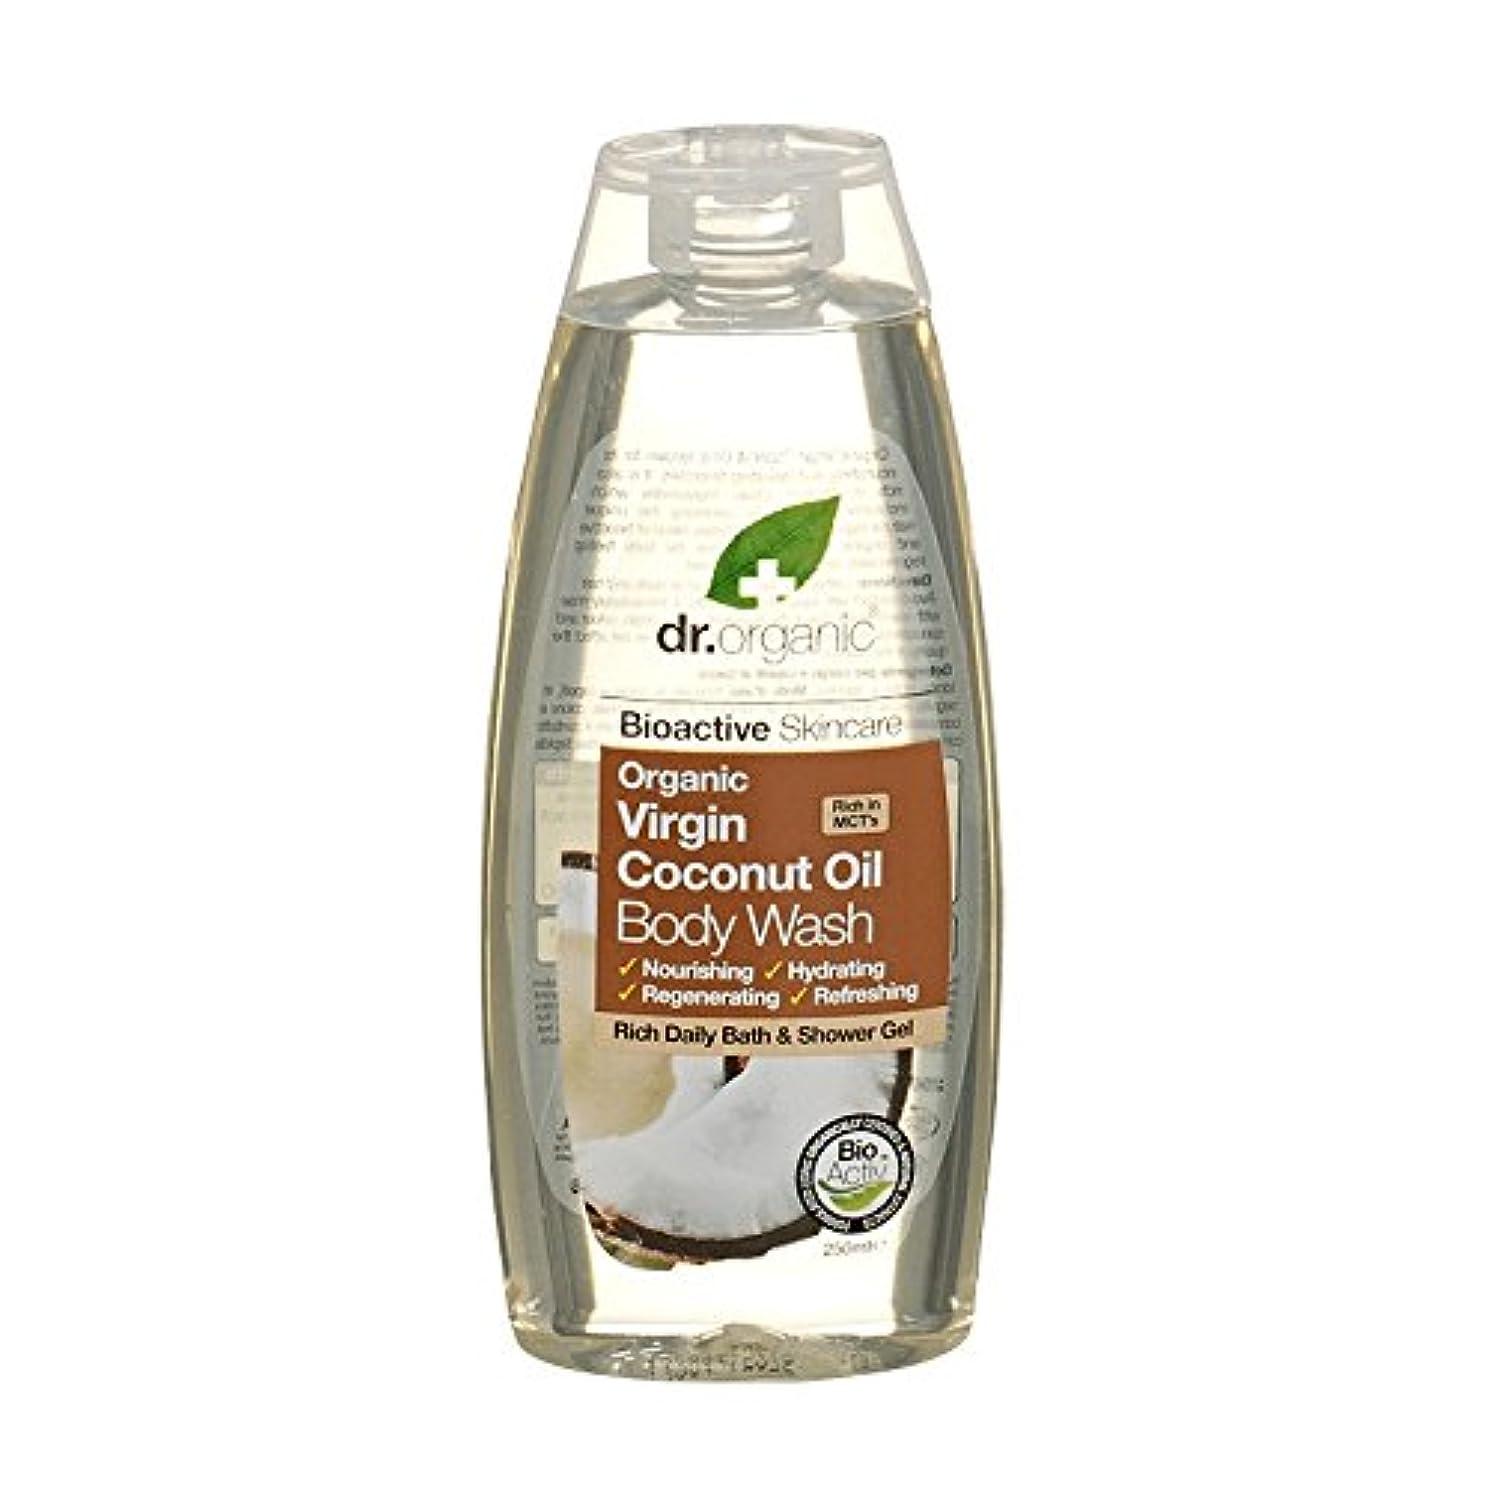 悪行穴歯科医Dr有機有機バージンココナッツオイルボディウォッシュ - Dr Organic Organic Virgin Coconut Oil Body Wash (Dr Organic) [並行輸入品]